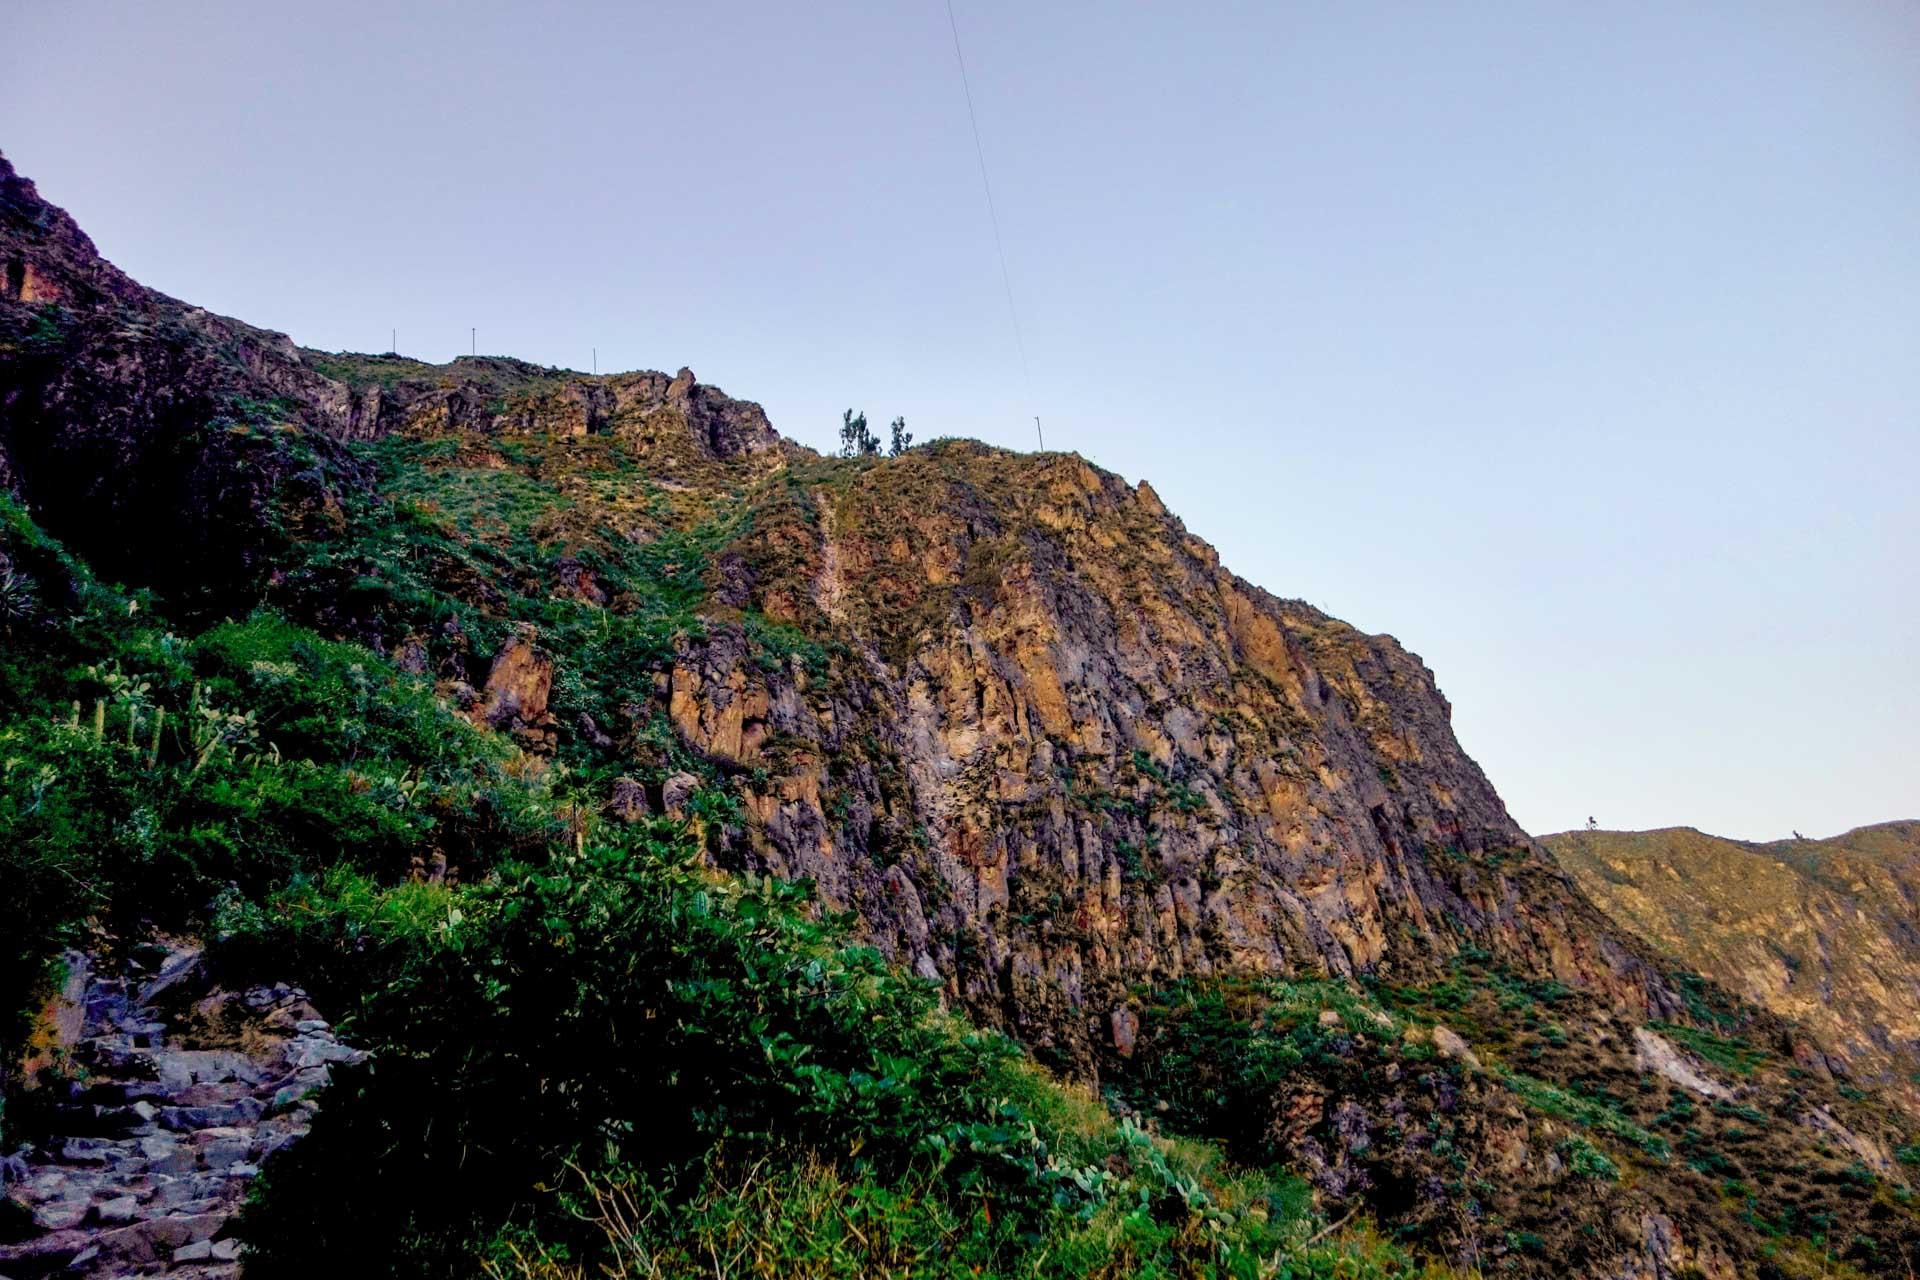 Les rayons de soleil commencent à percer à l'intérieur du Canyon de Colca